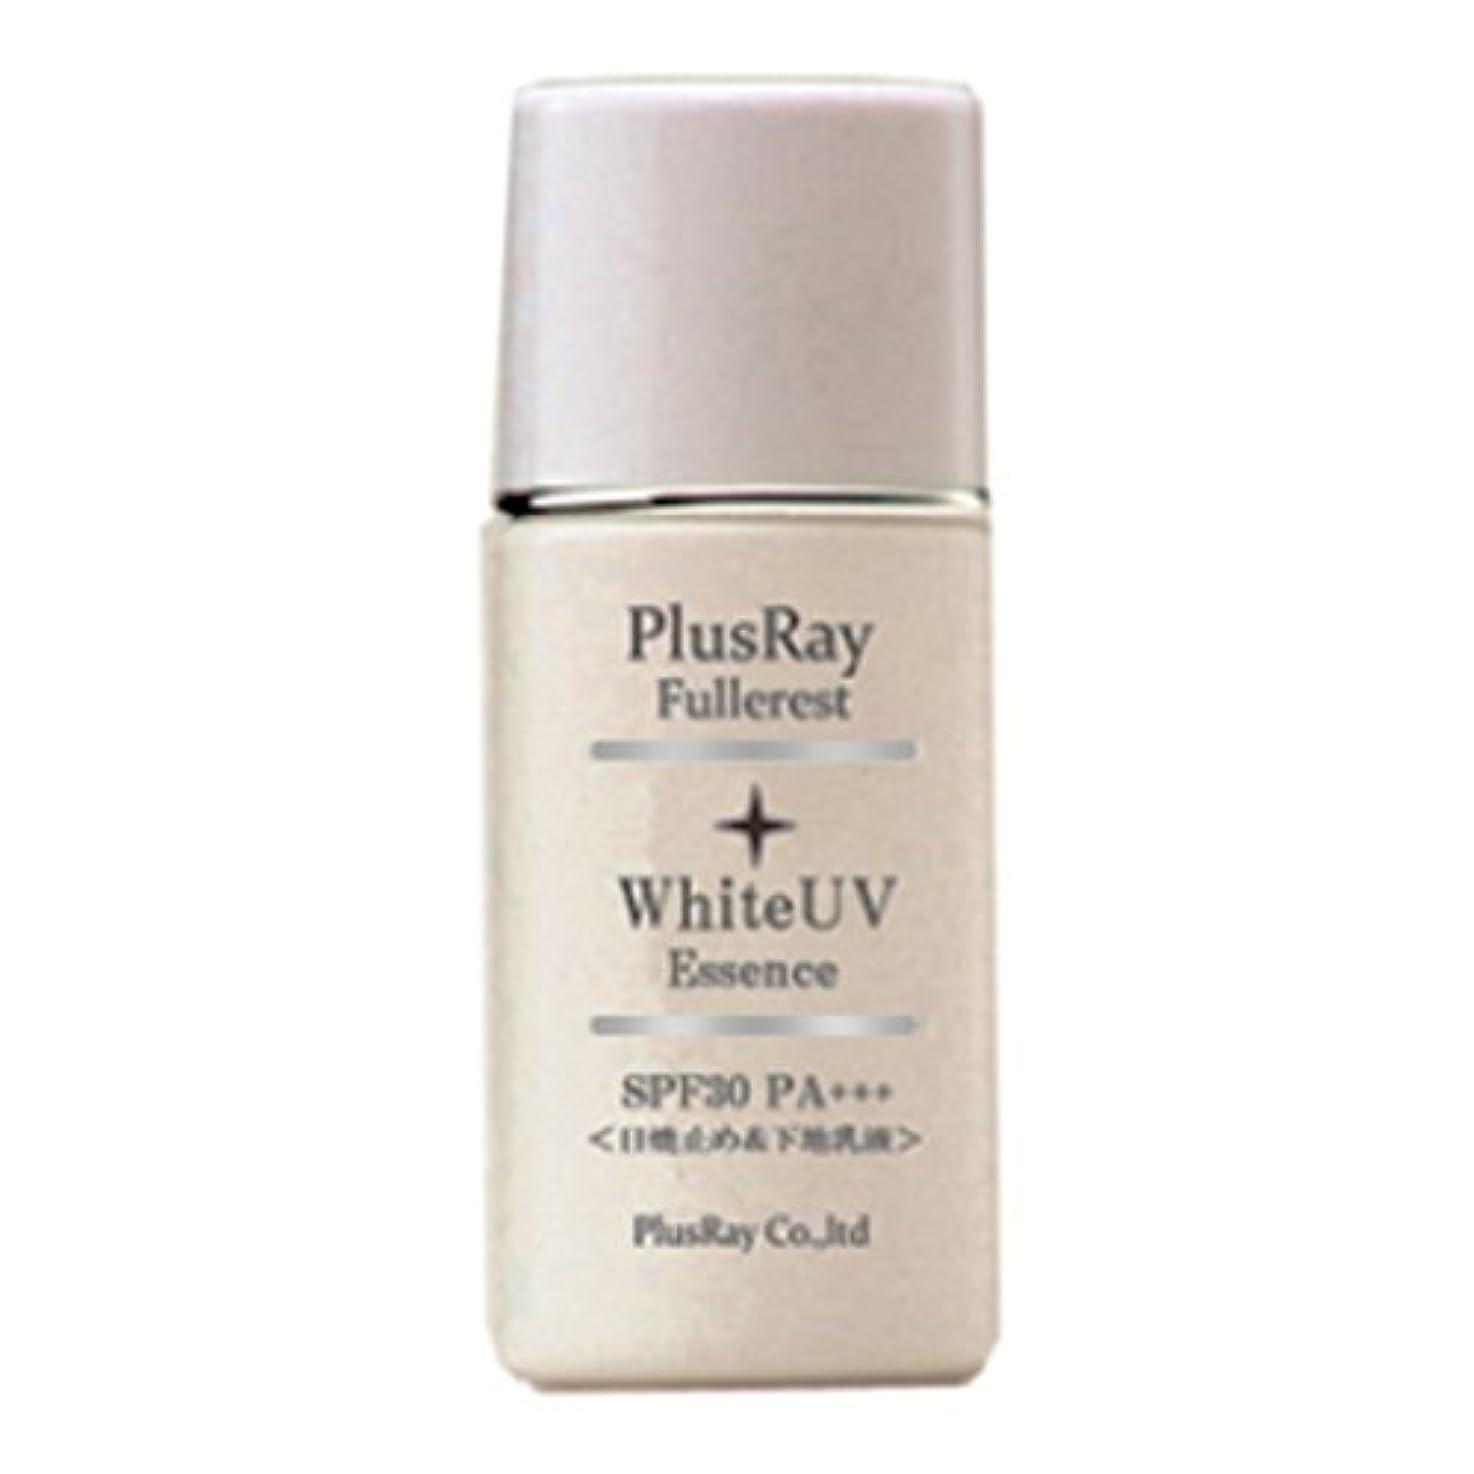 コンペ肥沃なスライスプラスレイ(PlusRay)化粧品 フラーレスト ホワイト UV エッセンス 化粧下地 紫外線対策 A波 B波 対応 乳液タイプ